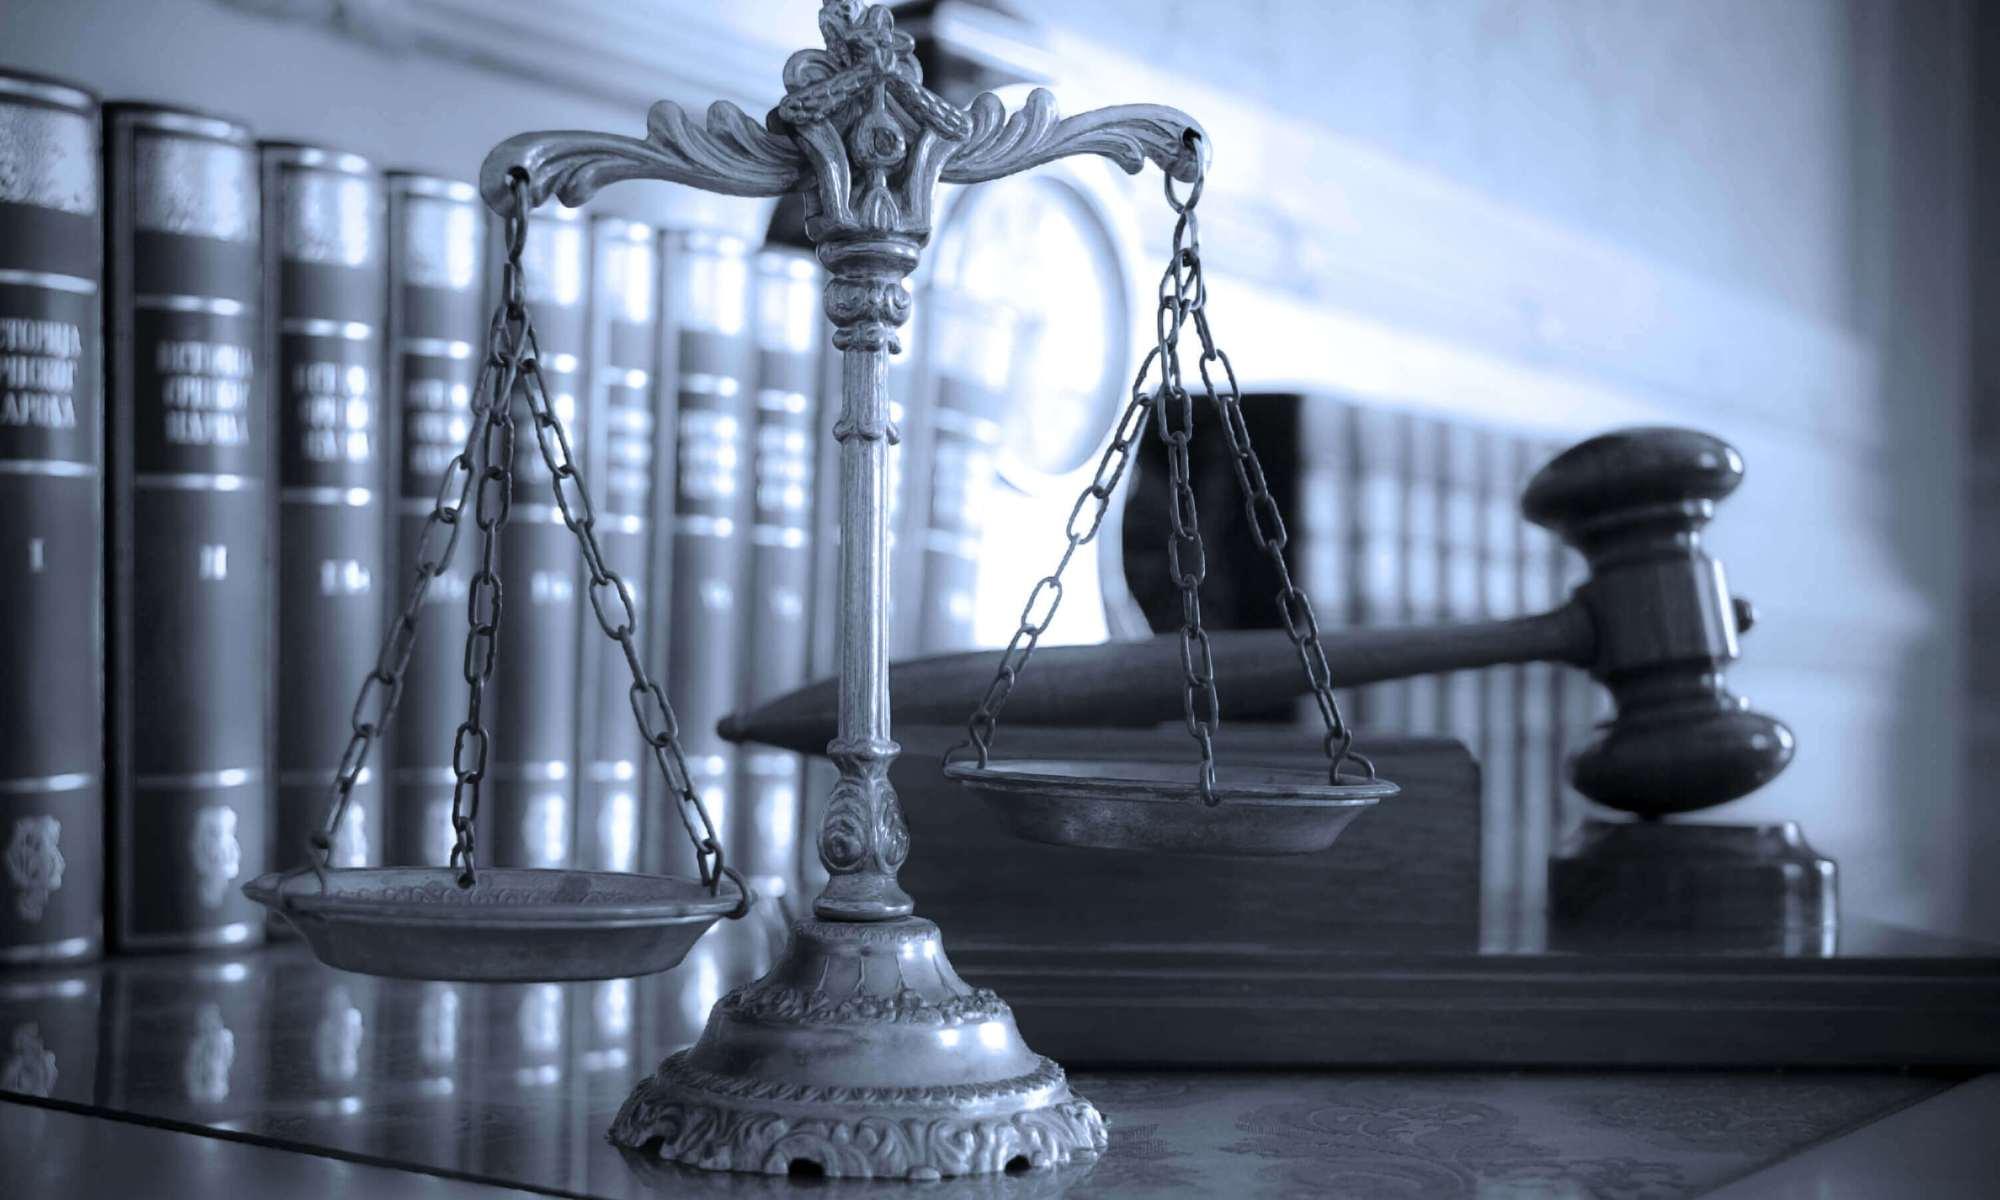 תמונה - מאזני צדק ופטיש בית משפט